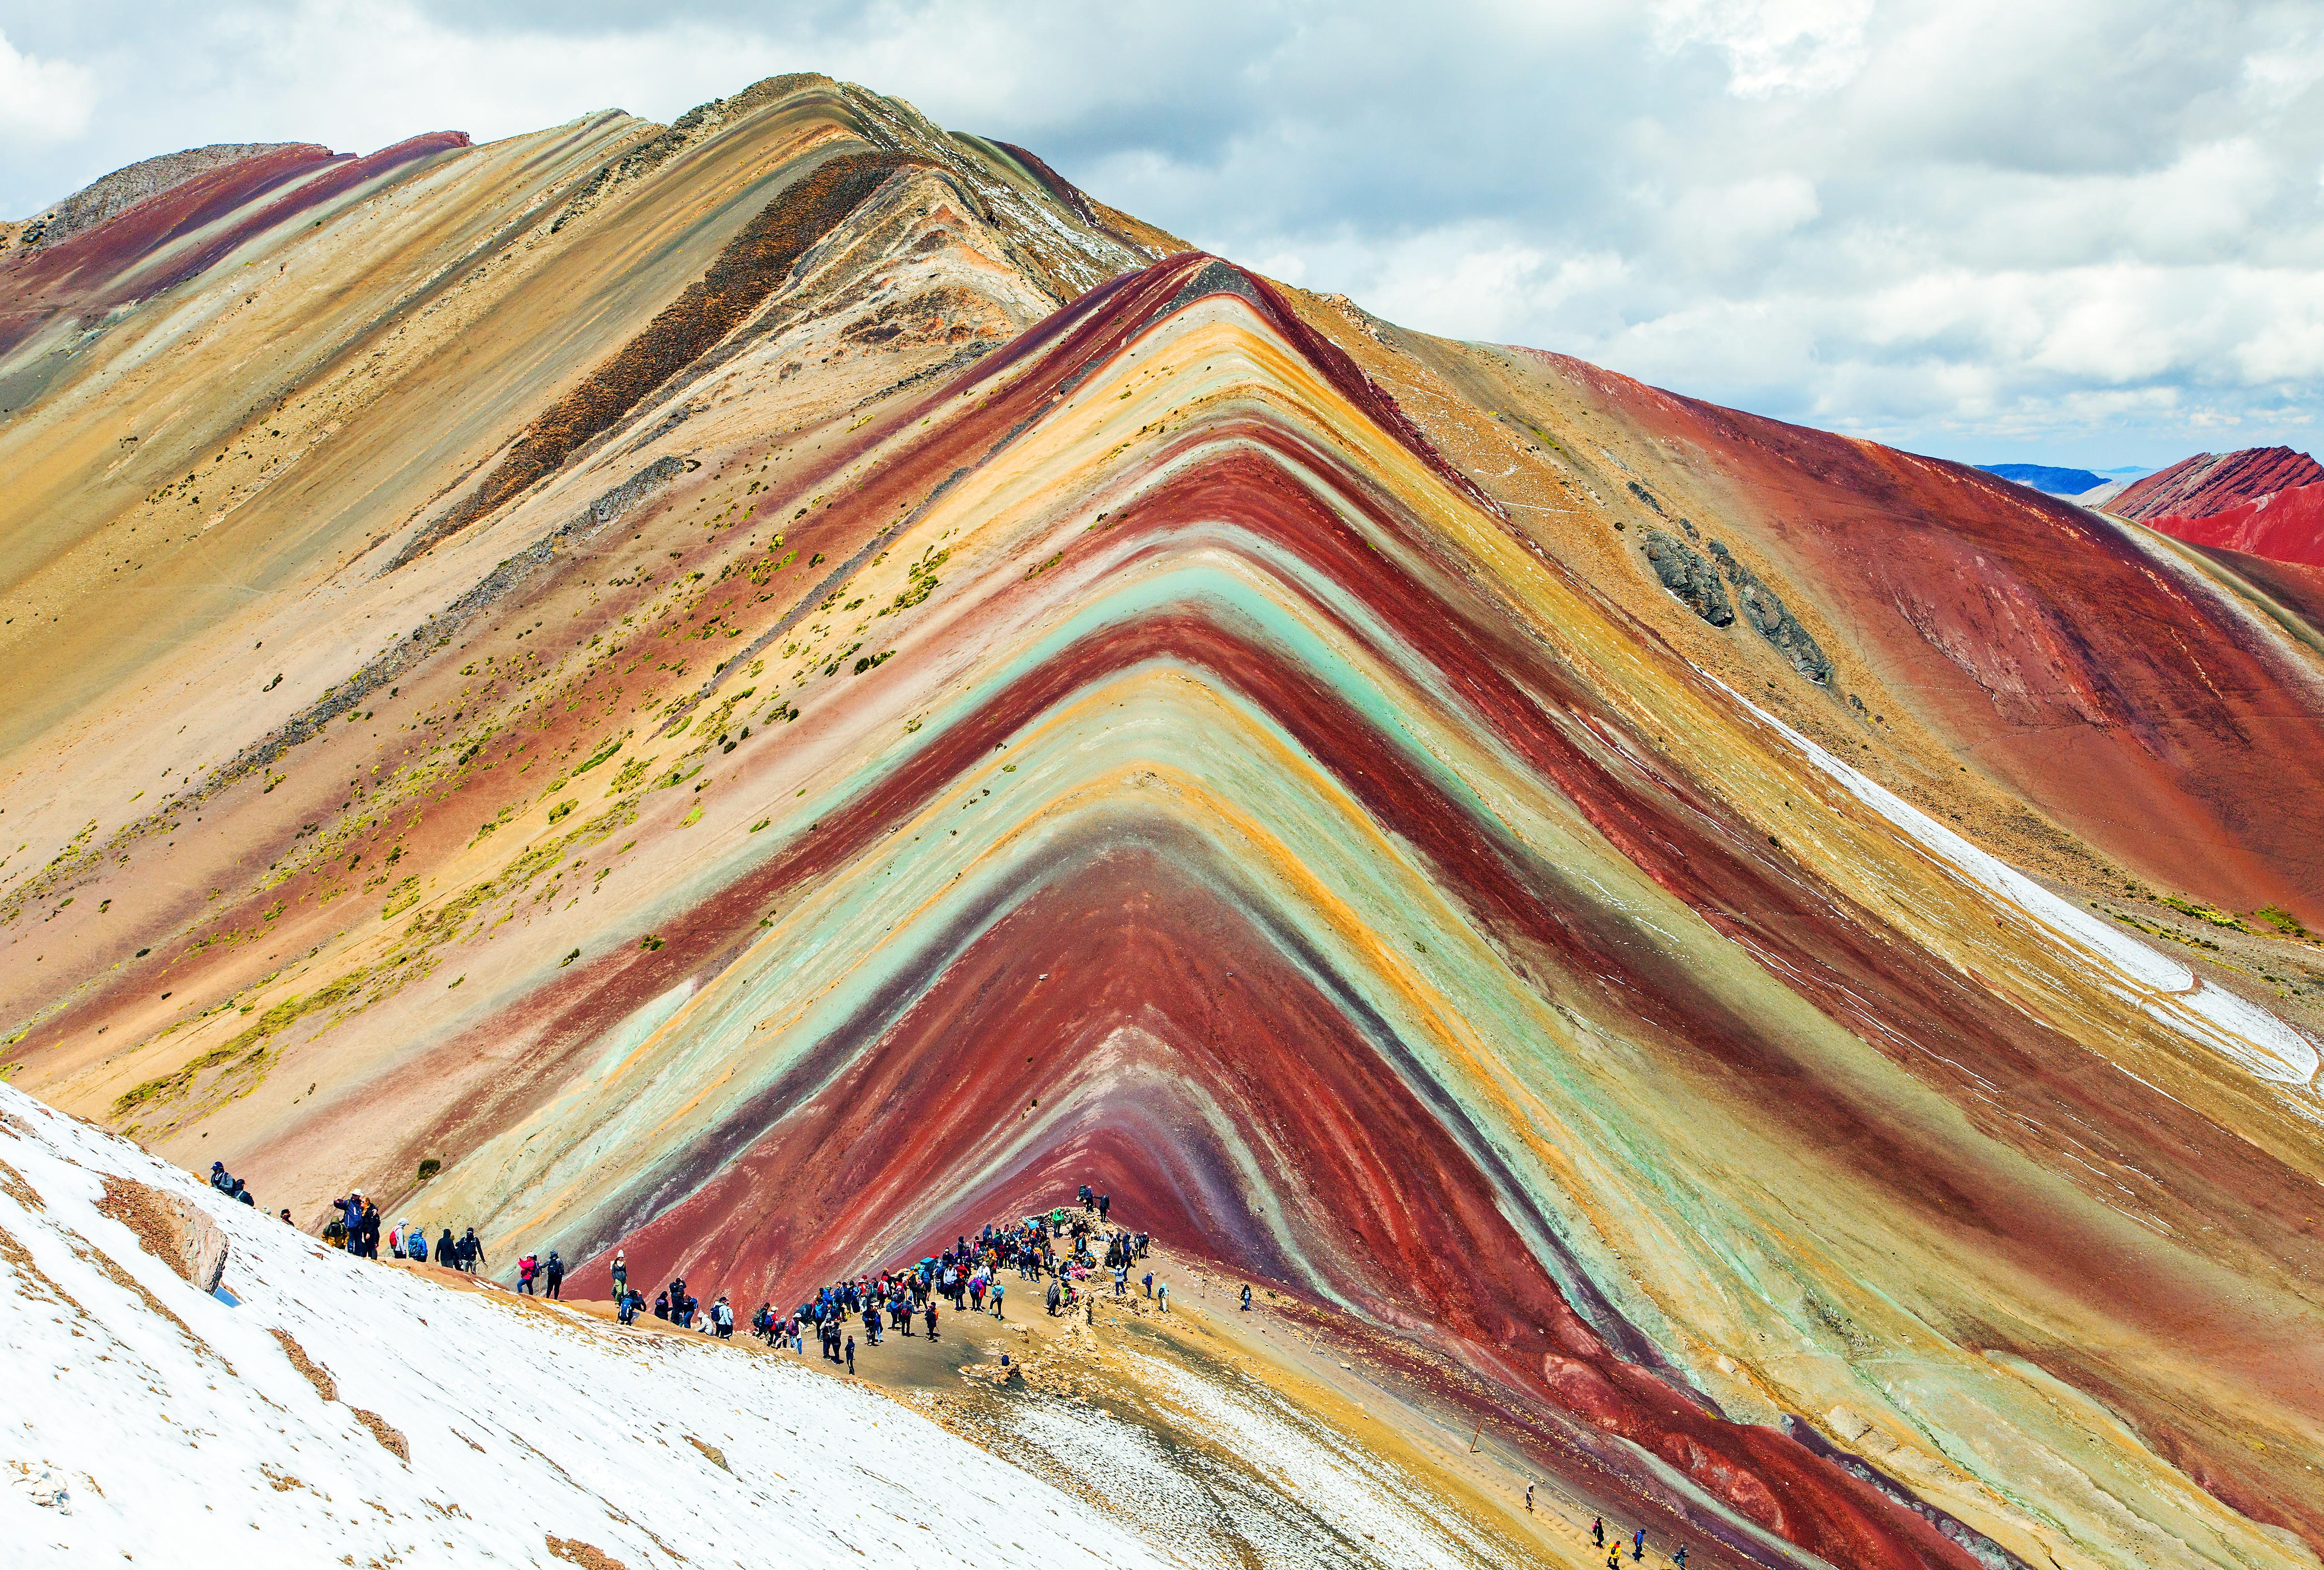 Rainbow mountains or Vinicunca Montana de Siete Colores